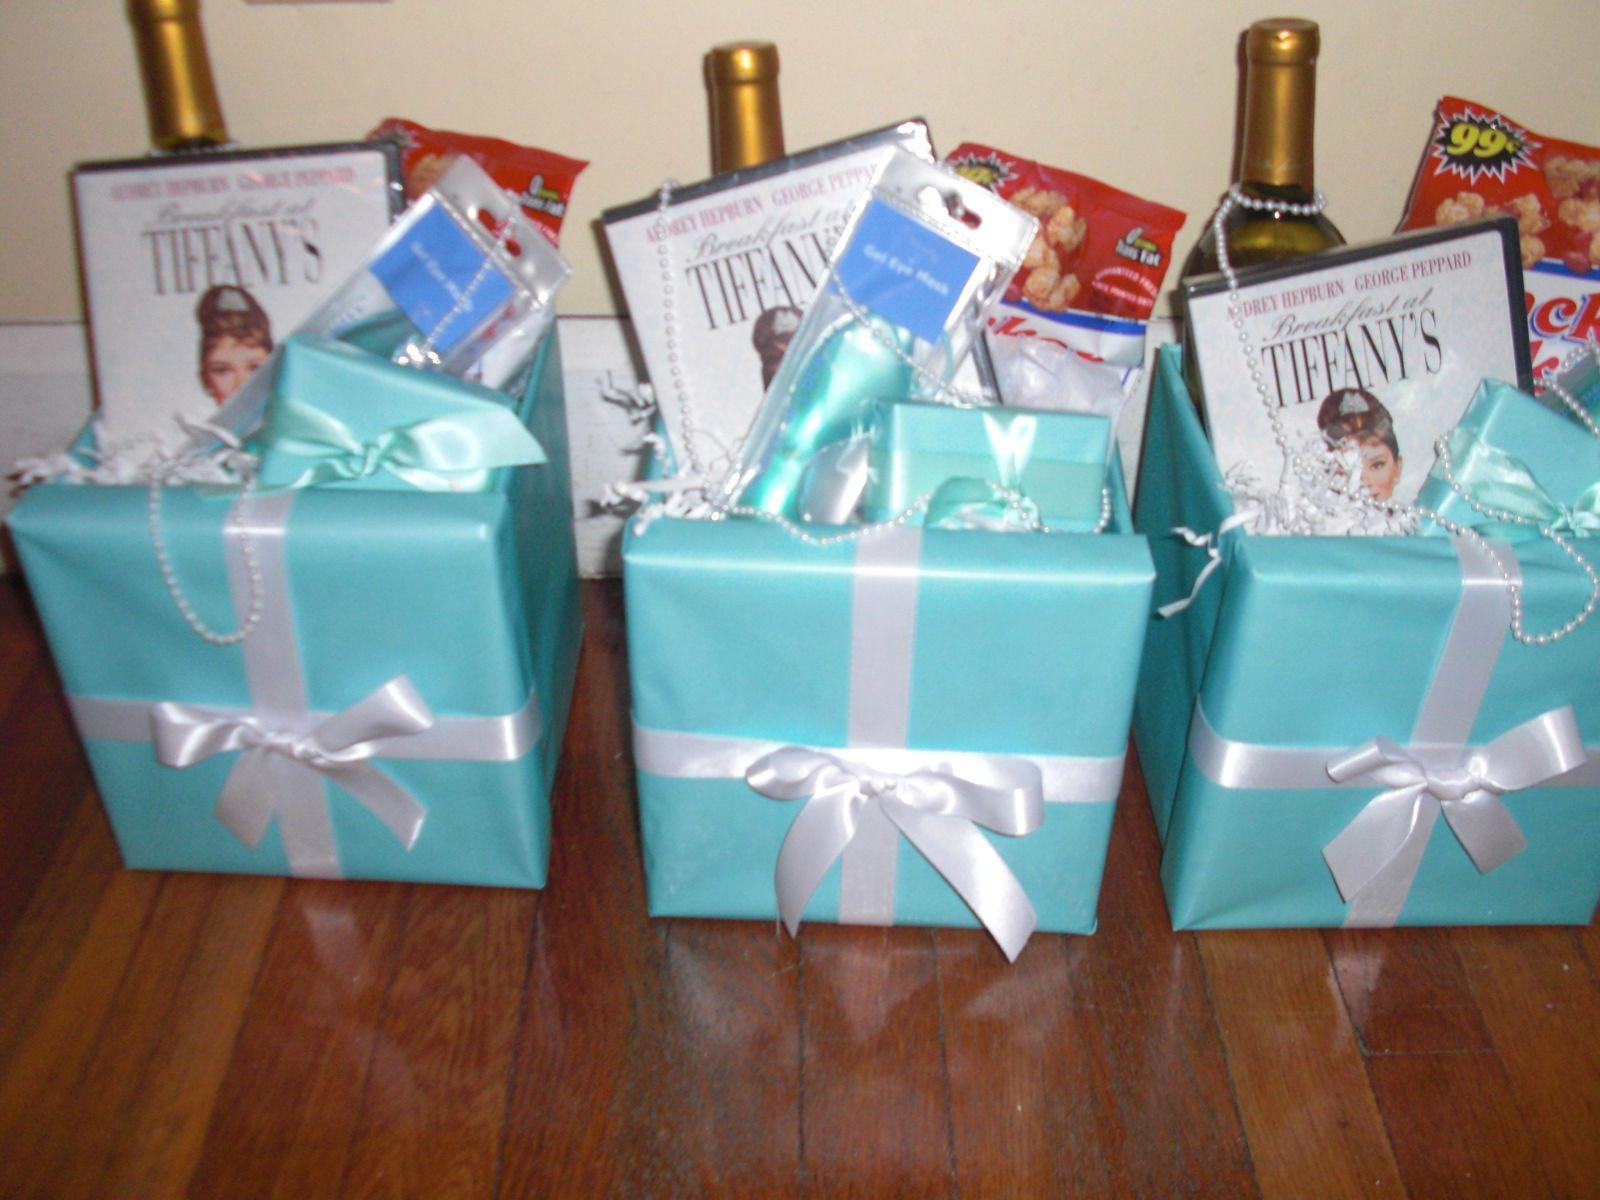 11+ Tiffany canada wedding gifts information